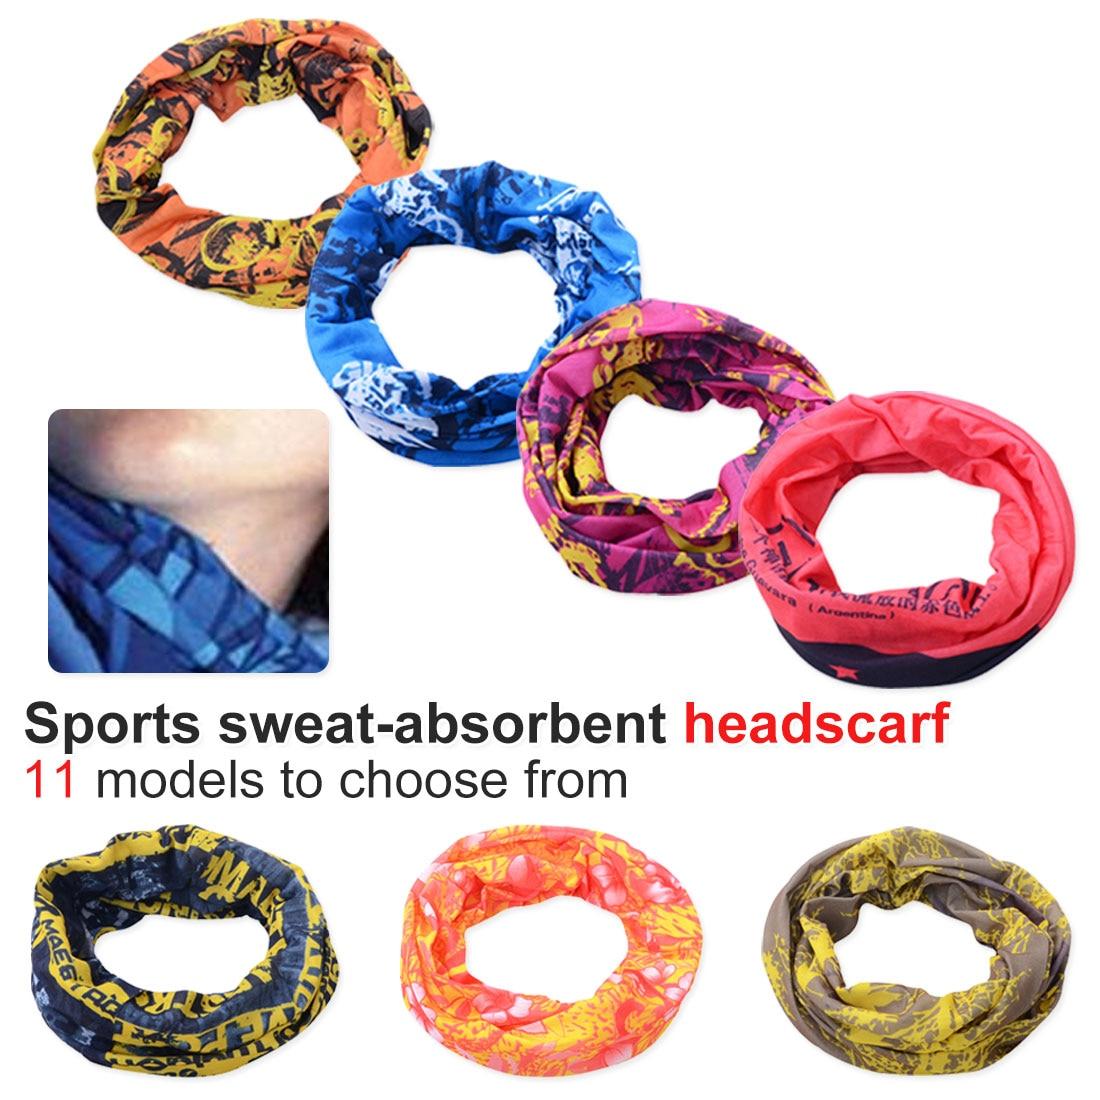 Headwear Headband Cat Colorful Pattern Head Scarf Wrap Sweatband Sport Headscarves For Men Women